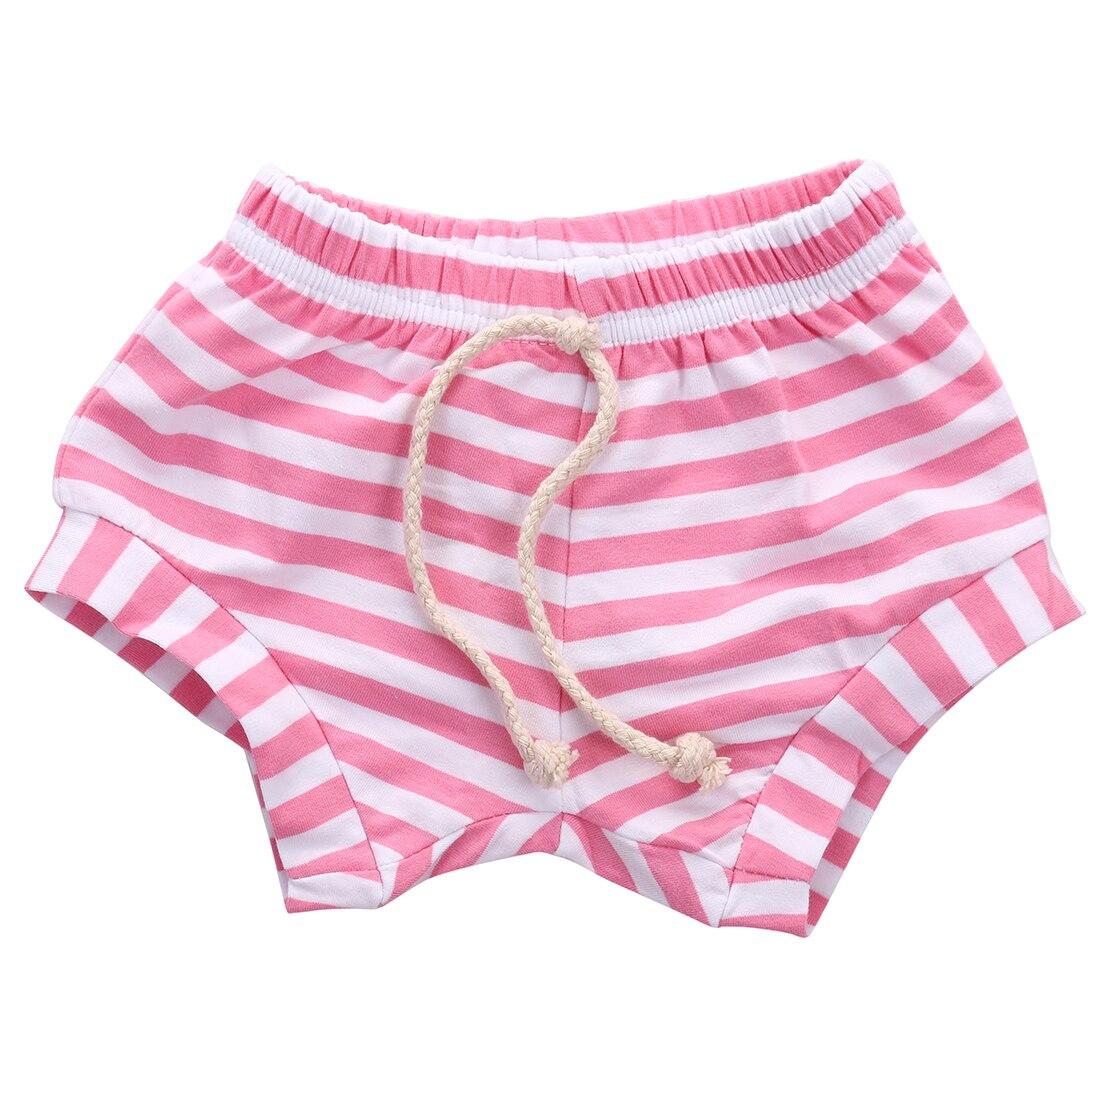 2018 Neue Cool Mode Kinder Shorts Baby Jungen Mädchen Shorts Sommer Schöne Gestreiften Pumphose Böden Shorts